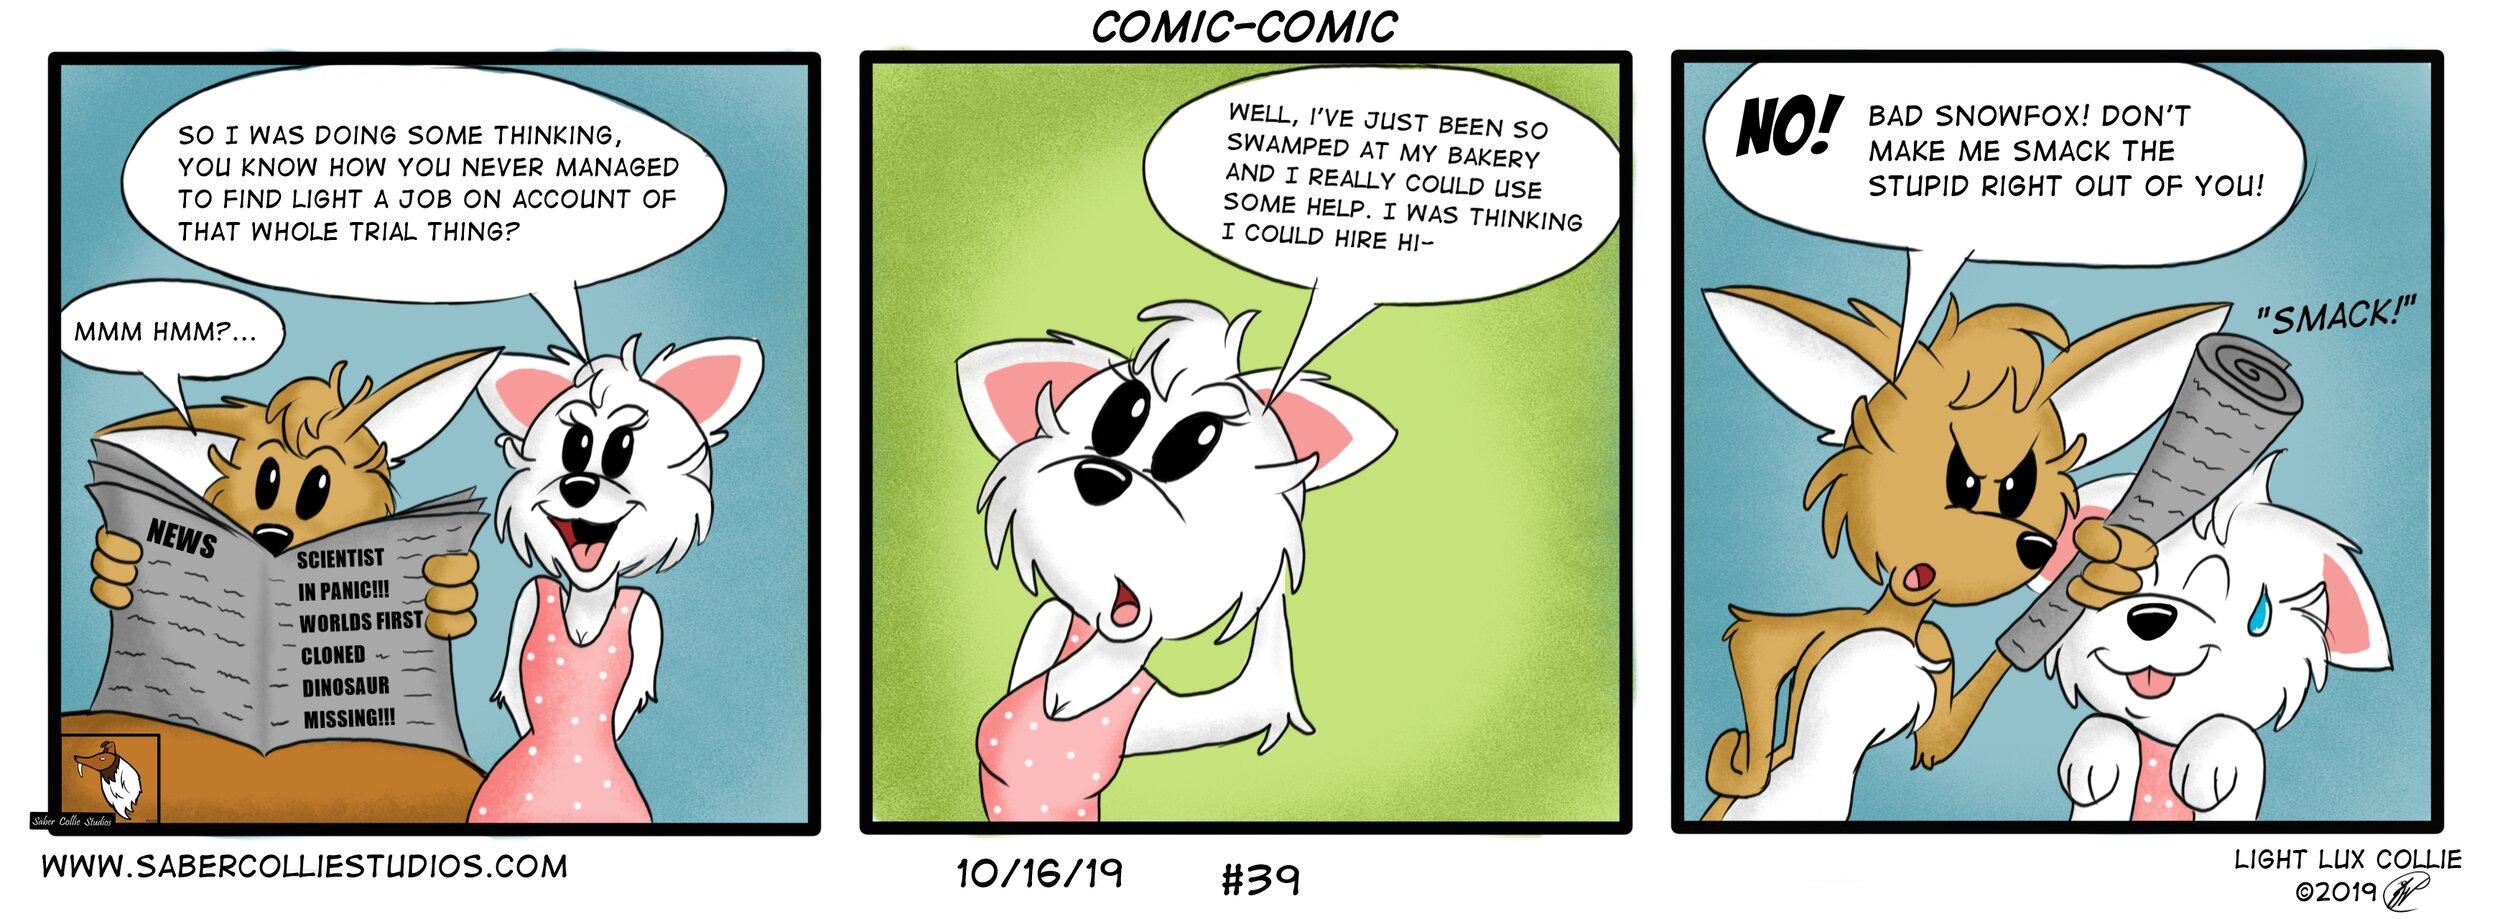 comic comic 10 16 19 .jpg